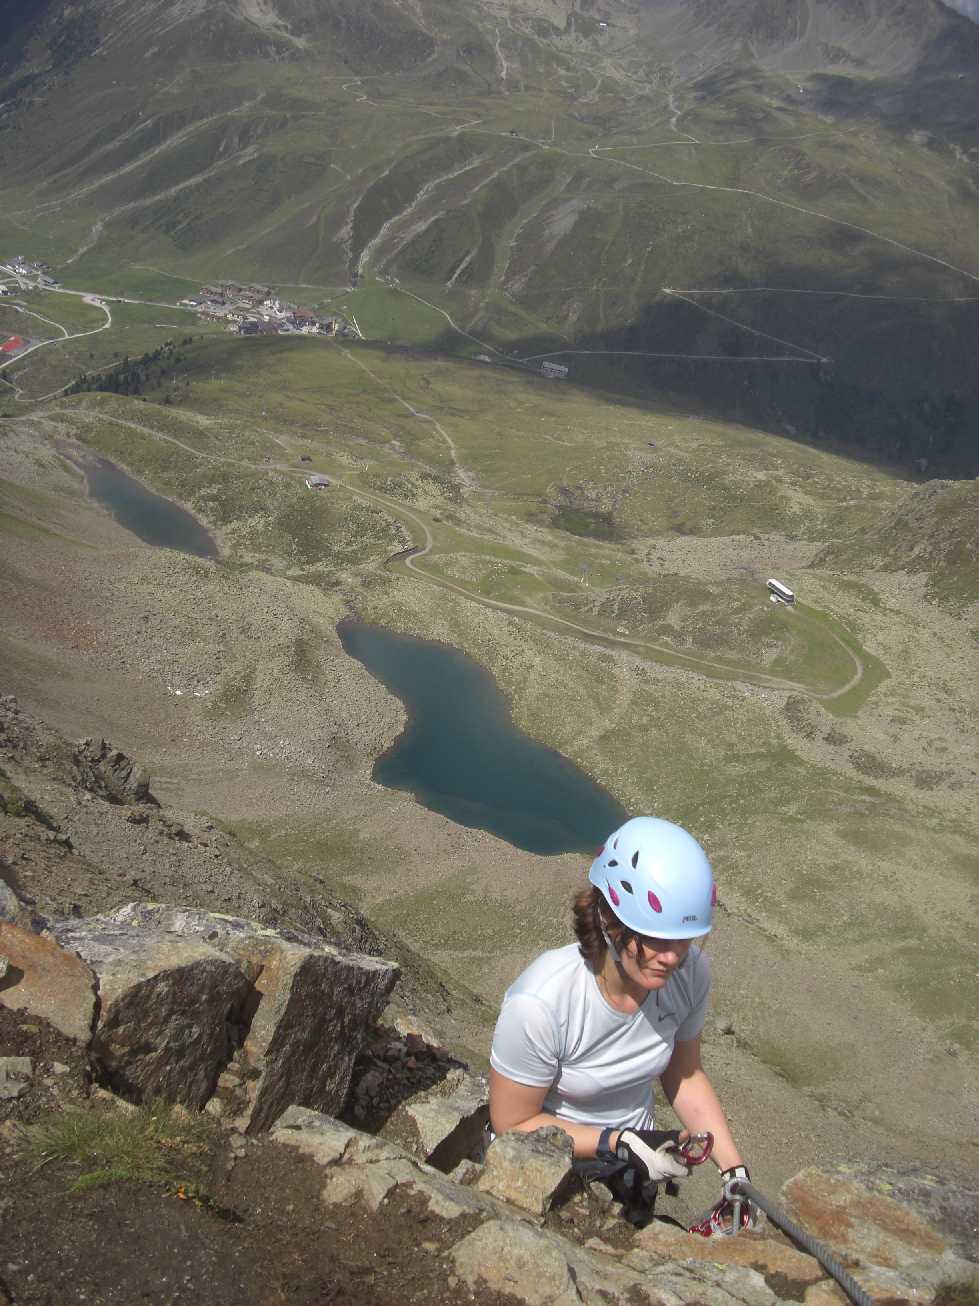 Klettersteig: Pockkogel in Kühtai. Anspruchsvoller Klettersteig (D-E)